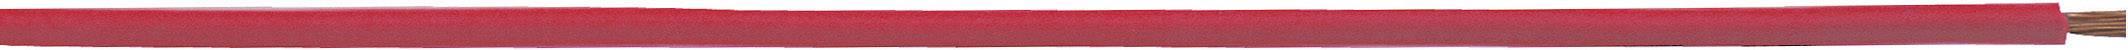 Opletenie / lanko LappKabel 4510073 H05V-K, 1 x 1 mm², vonkajší Ø 2.60 mm, 100 m, fialová